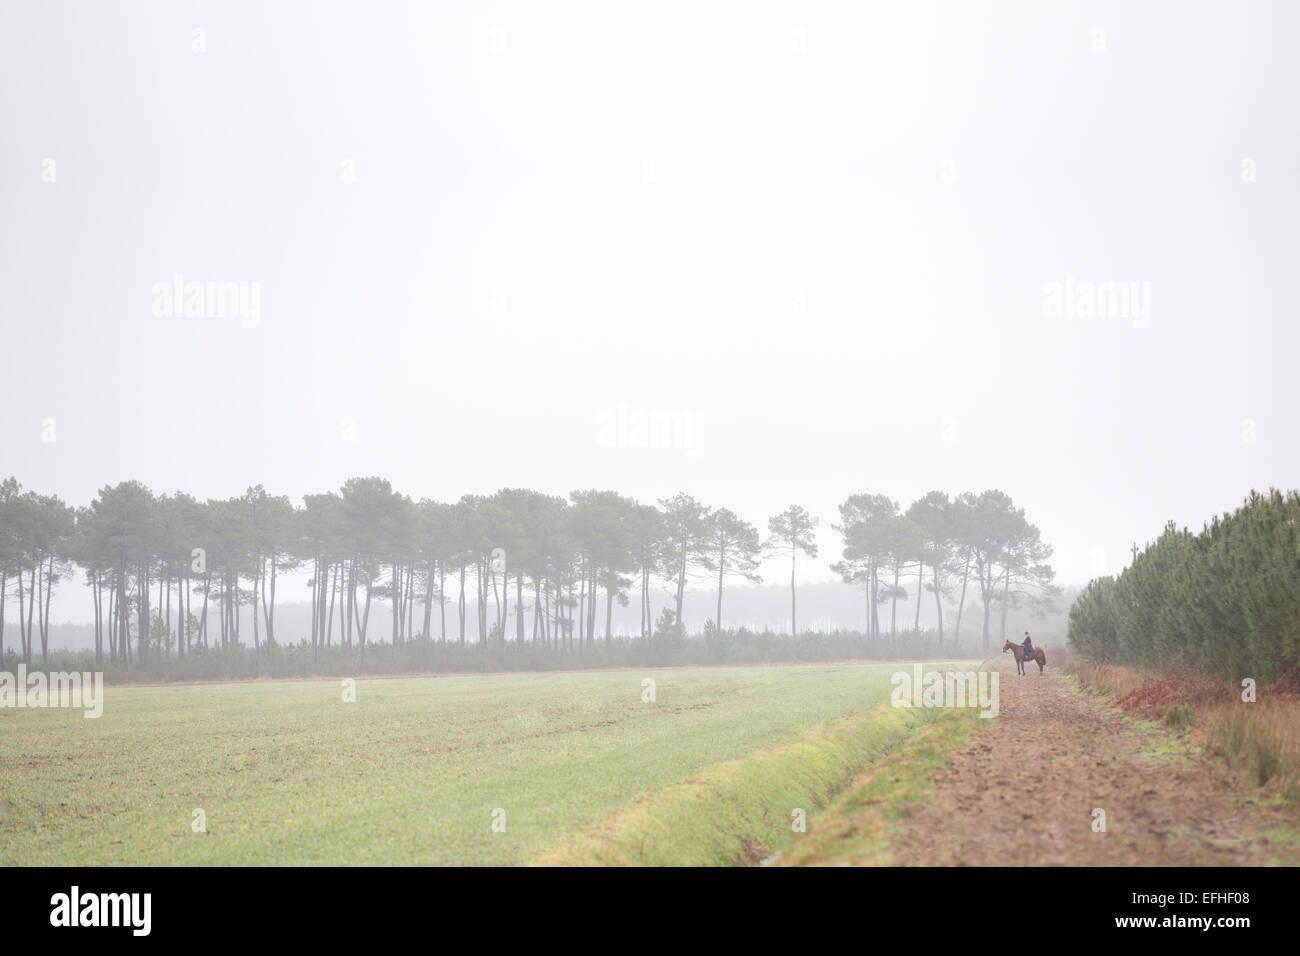 Un cheval mâle rider prenant part à un chevreuil la chasse à courre dans les Landes. Paysage. Photo Stock